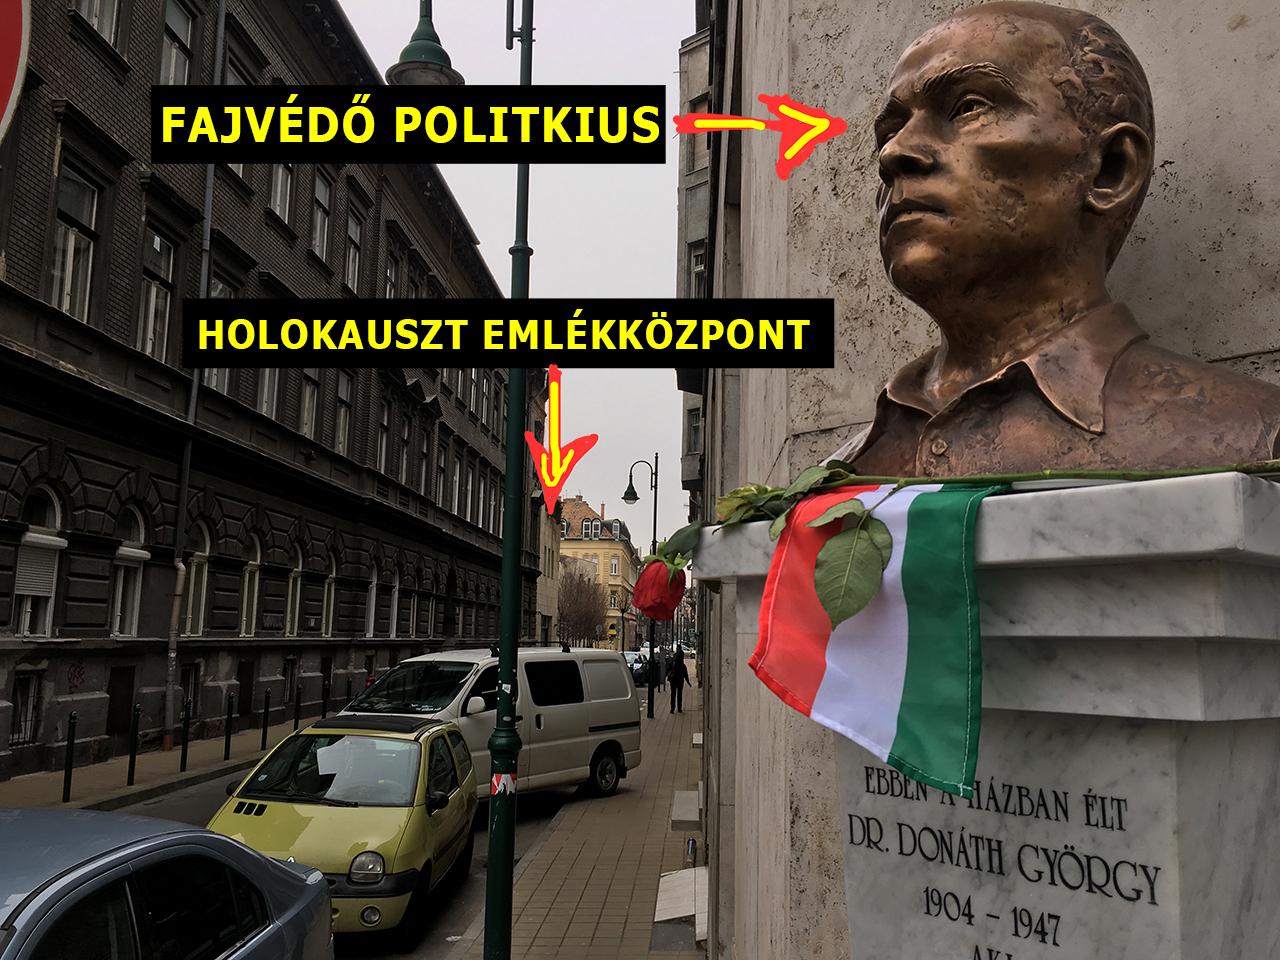 Wiesenthal-díjas szobrász készítette a Donáth György szobrot